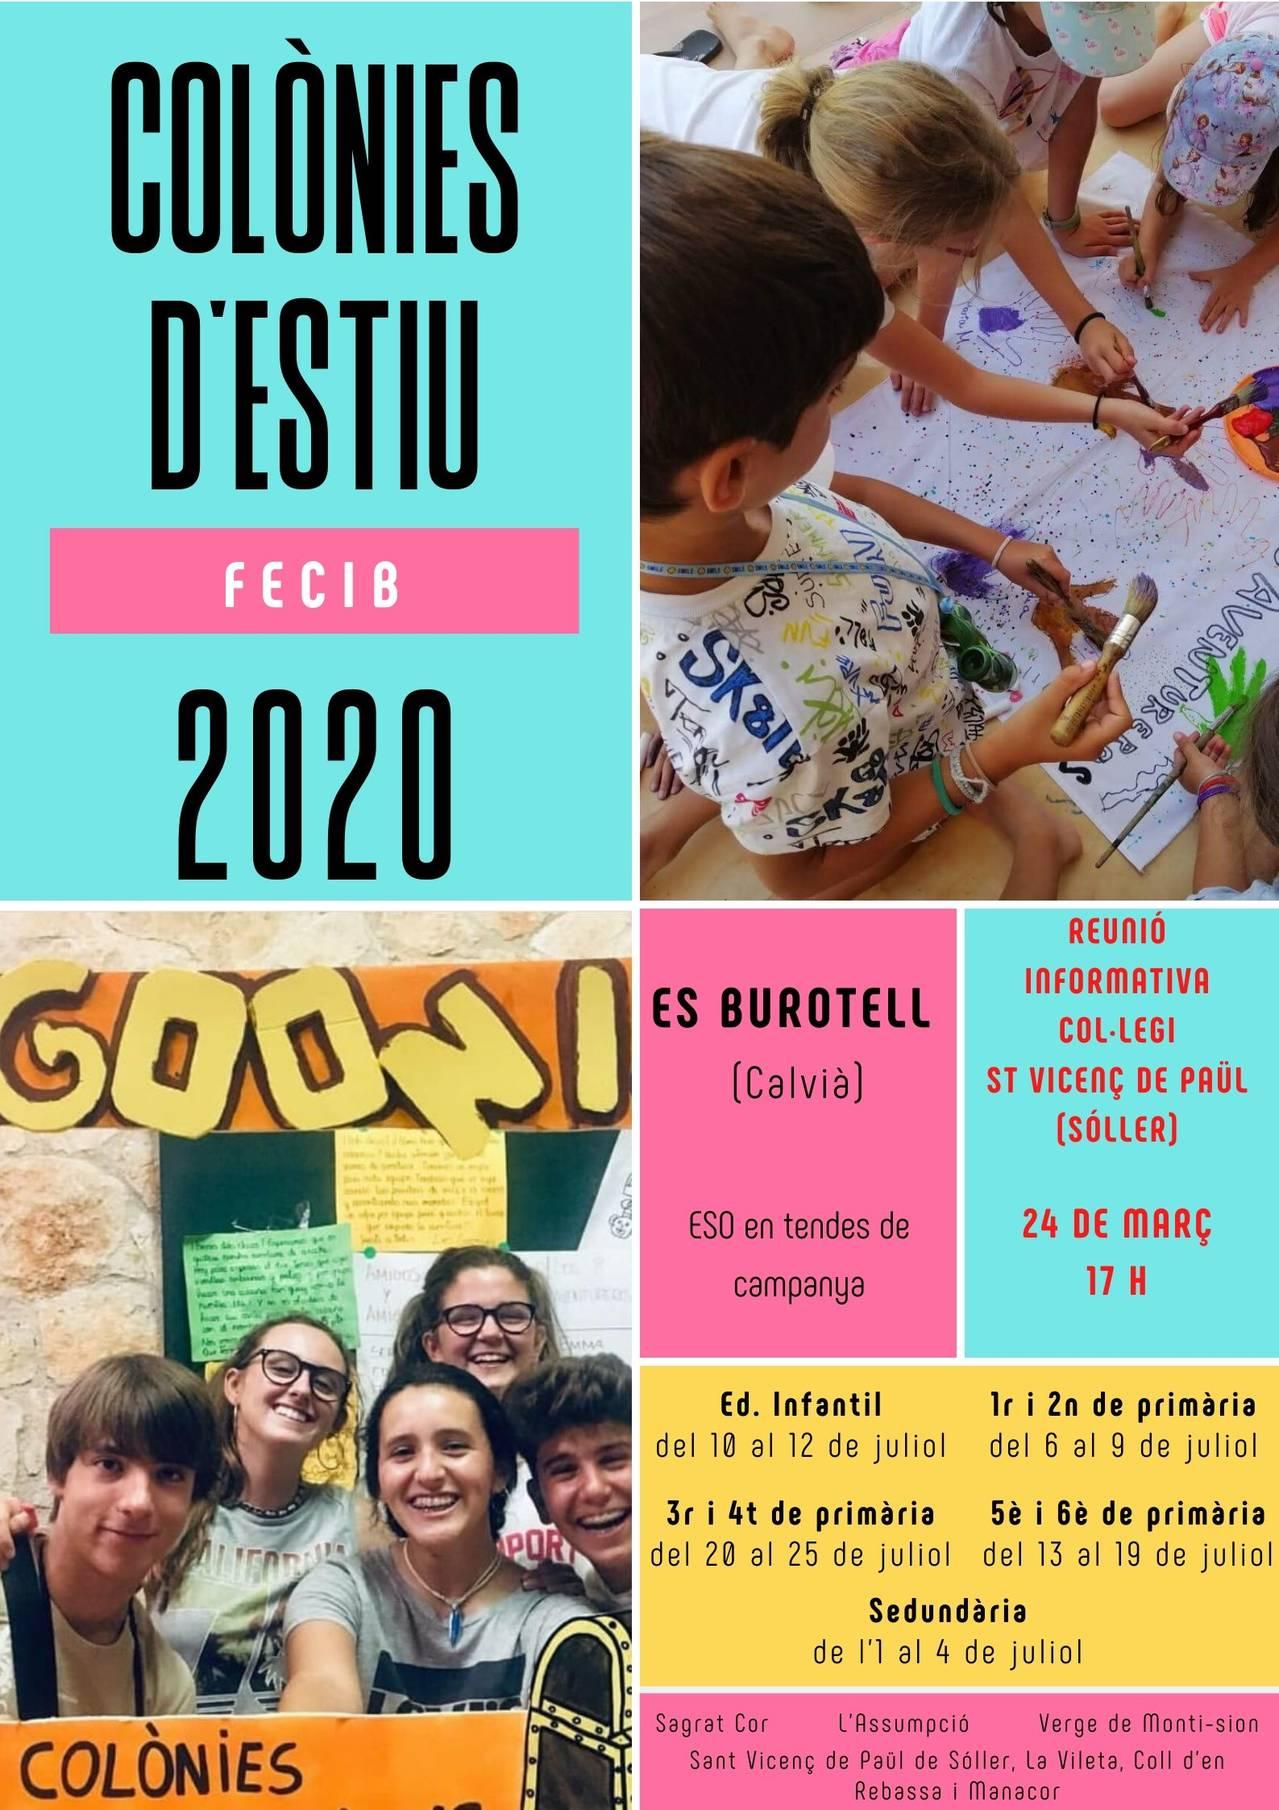 COLÒNIES D'ESTIU 2020